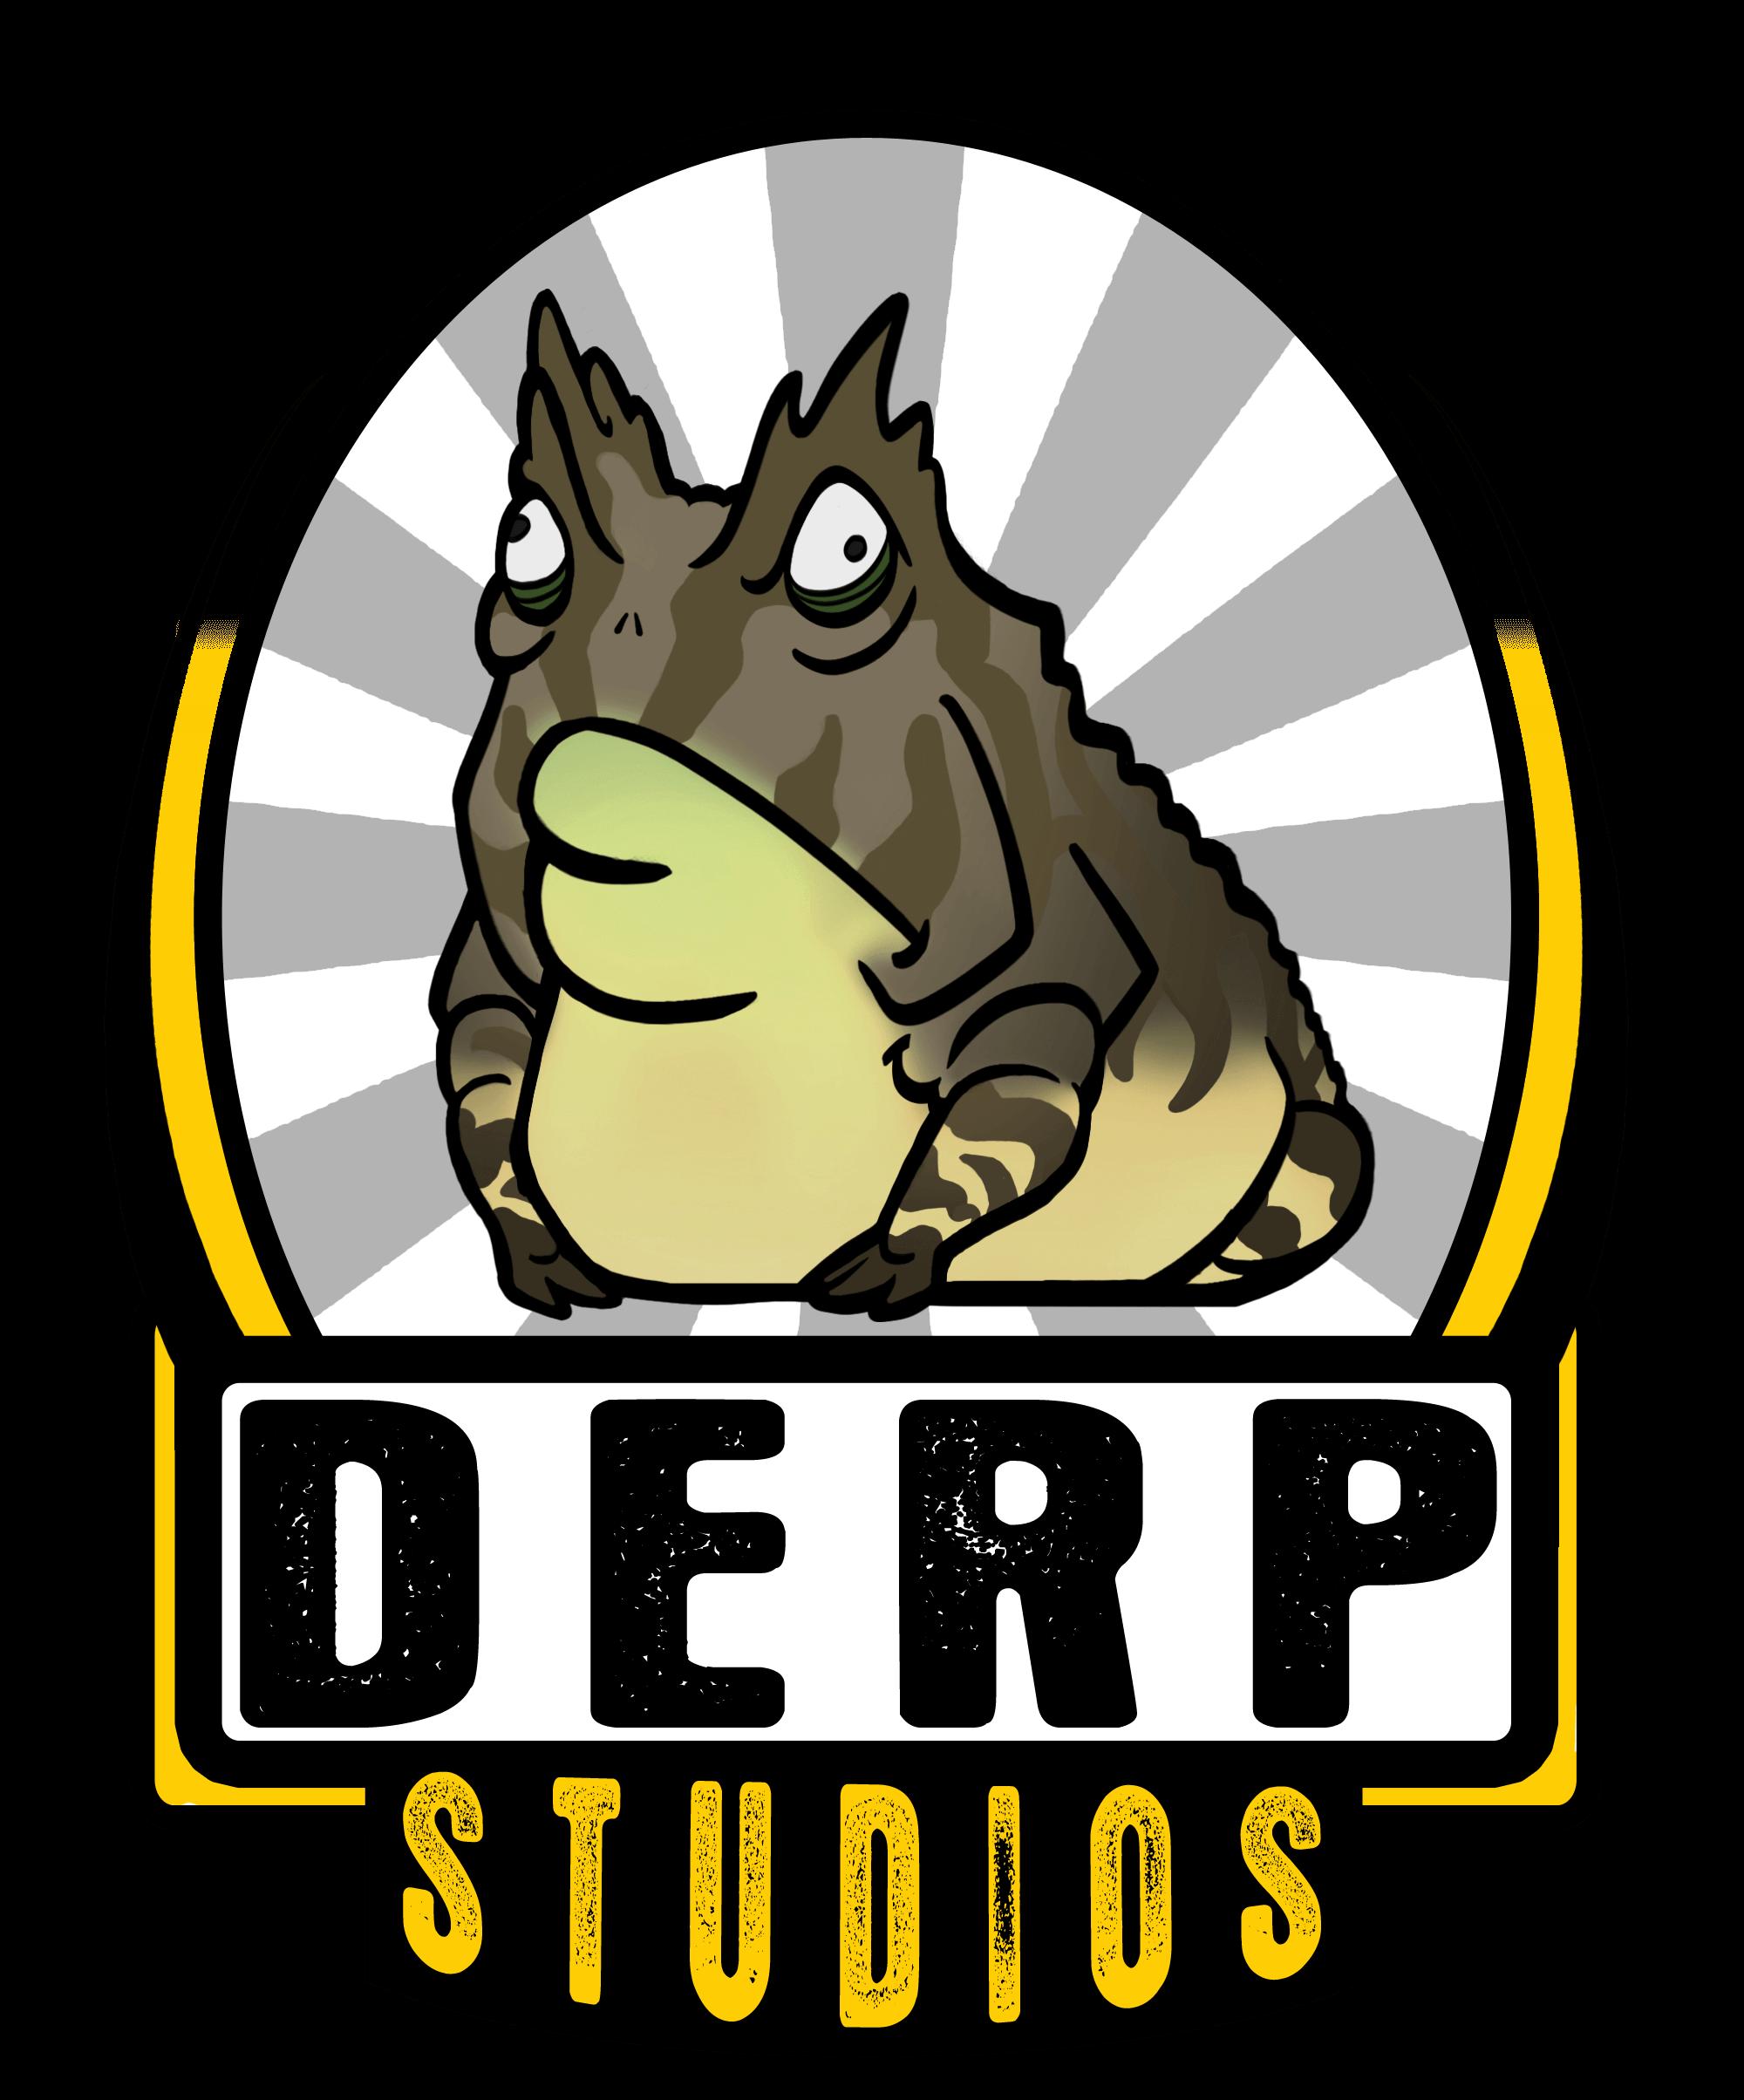 Derp Studios